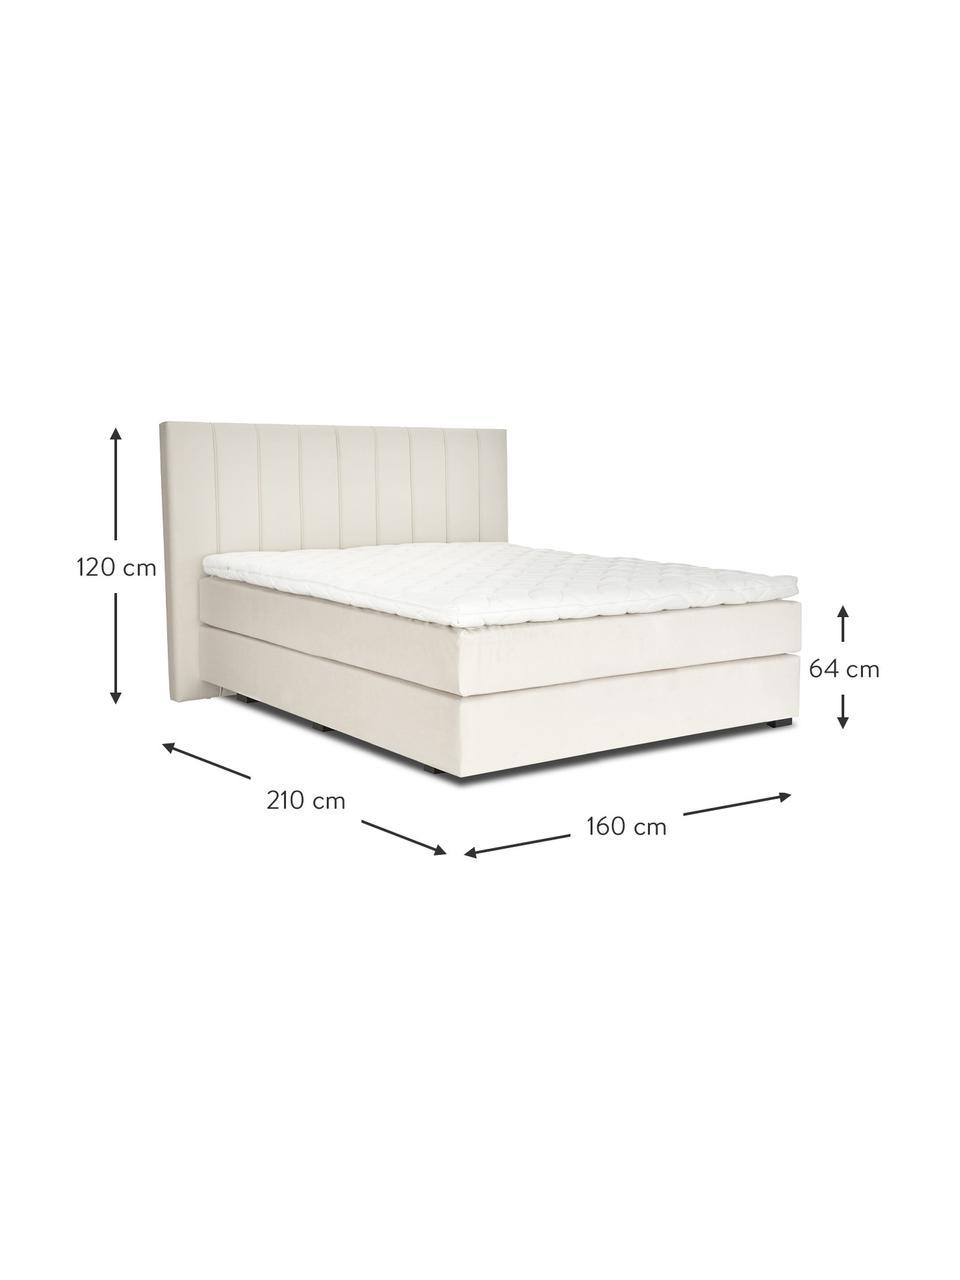 Premium Samt-Boxspringbett Lacey in Beige, Matratze: 7-Zonen-Taschenfederkern , Füße: Massives Buchenholz, lack, Samt Beige, 160 x 200 cm